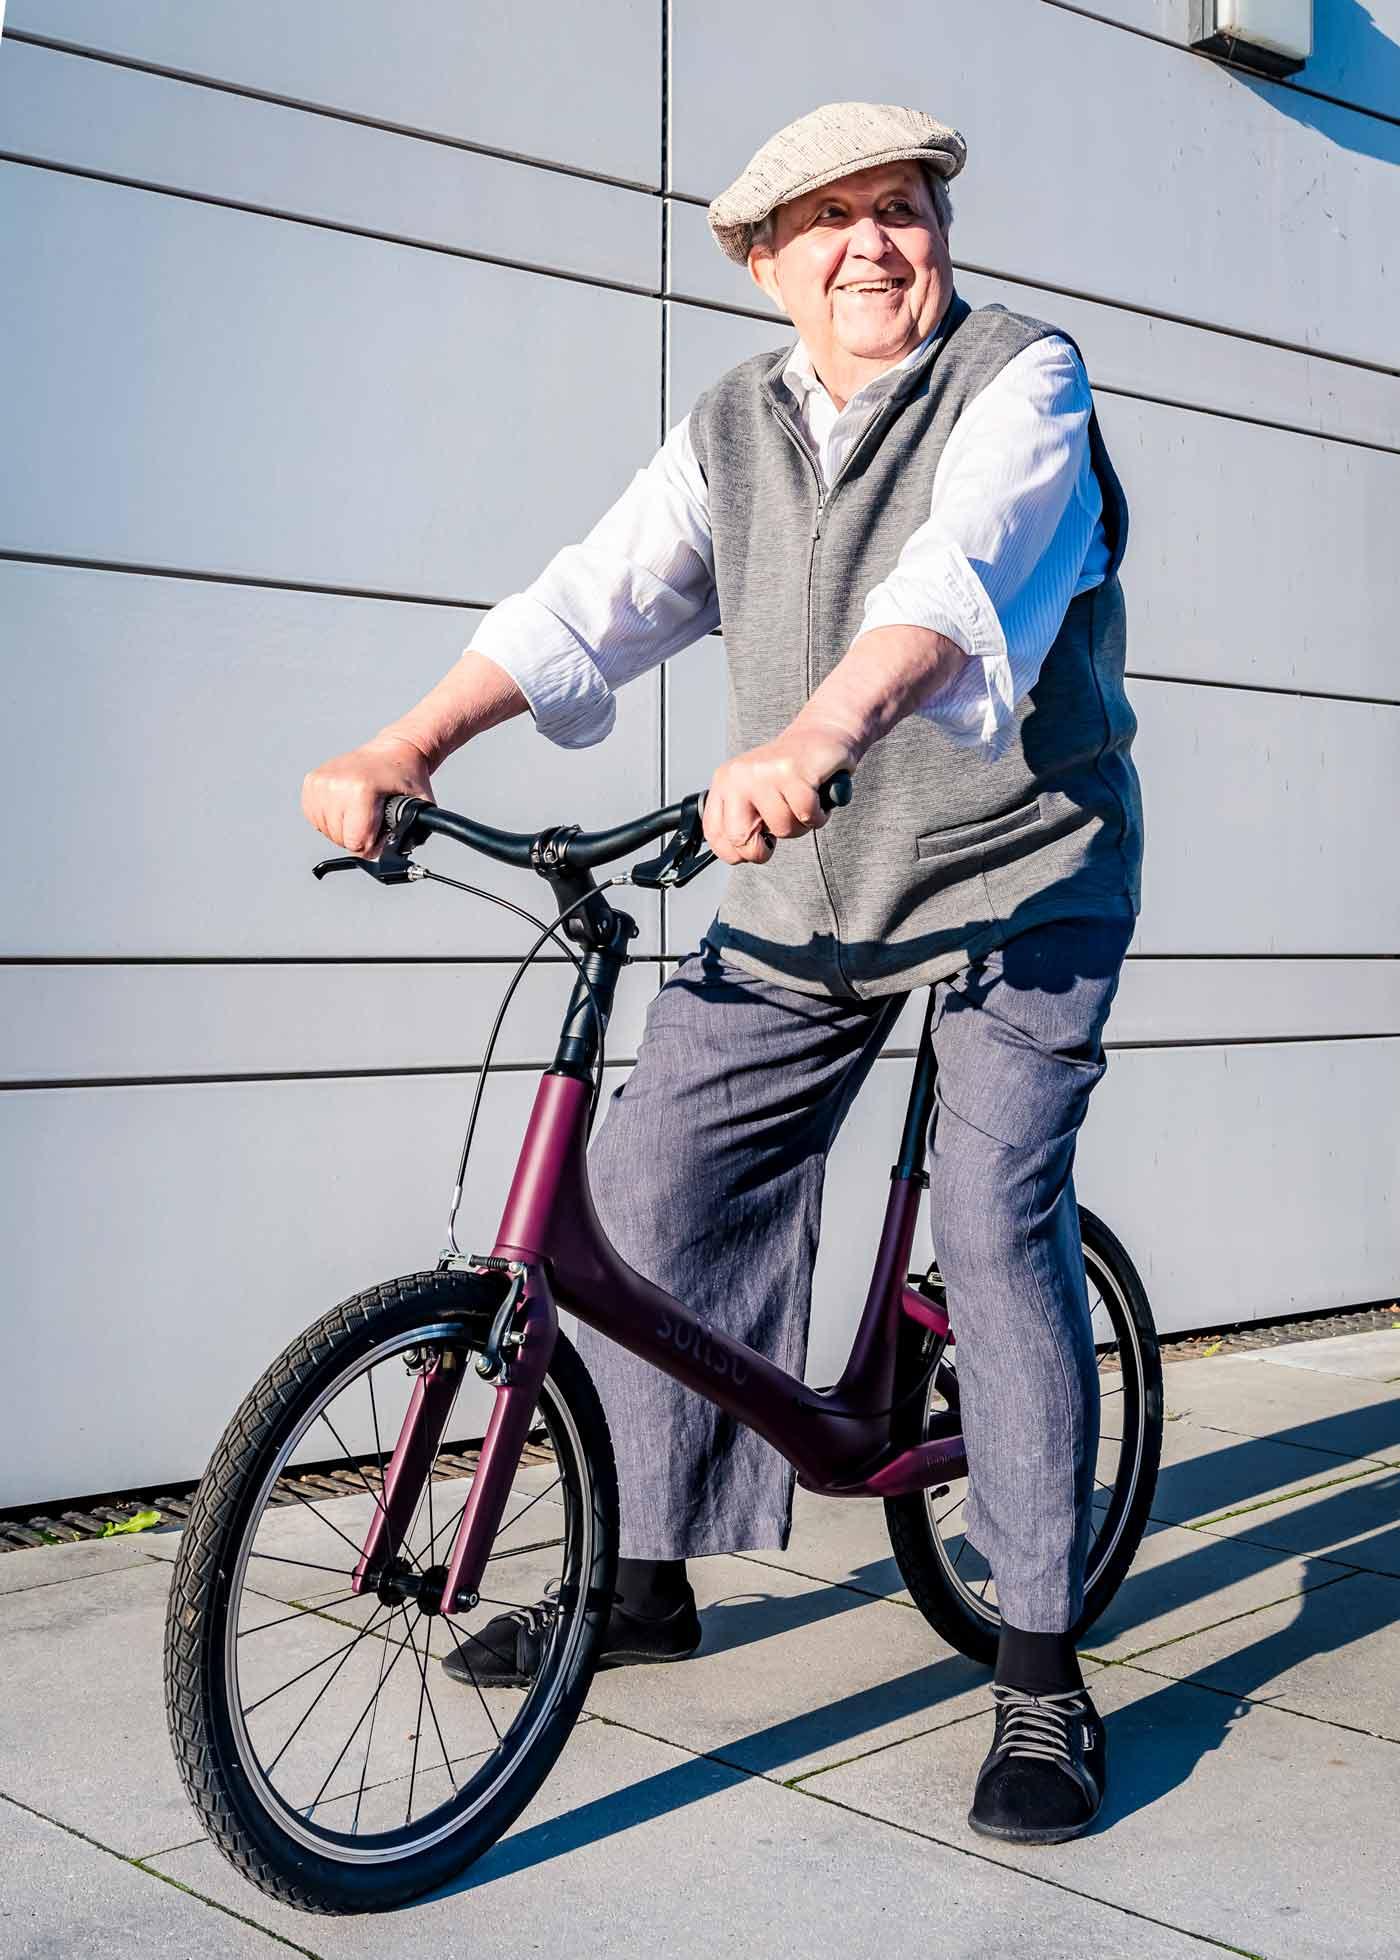 Mann sitzt auf Laufrad und strahlt vor Glück